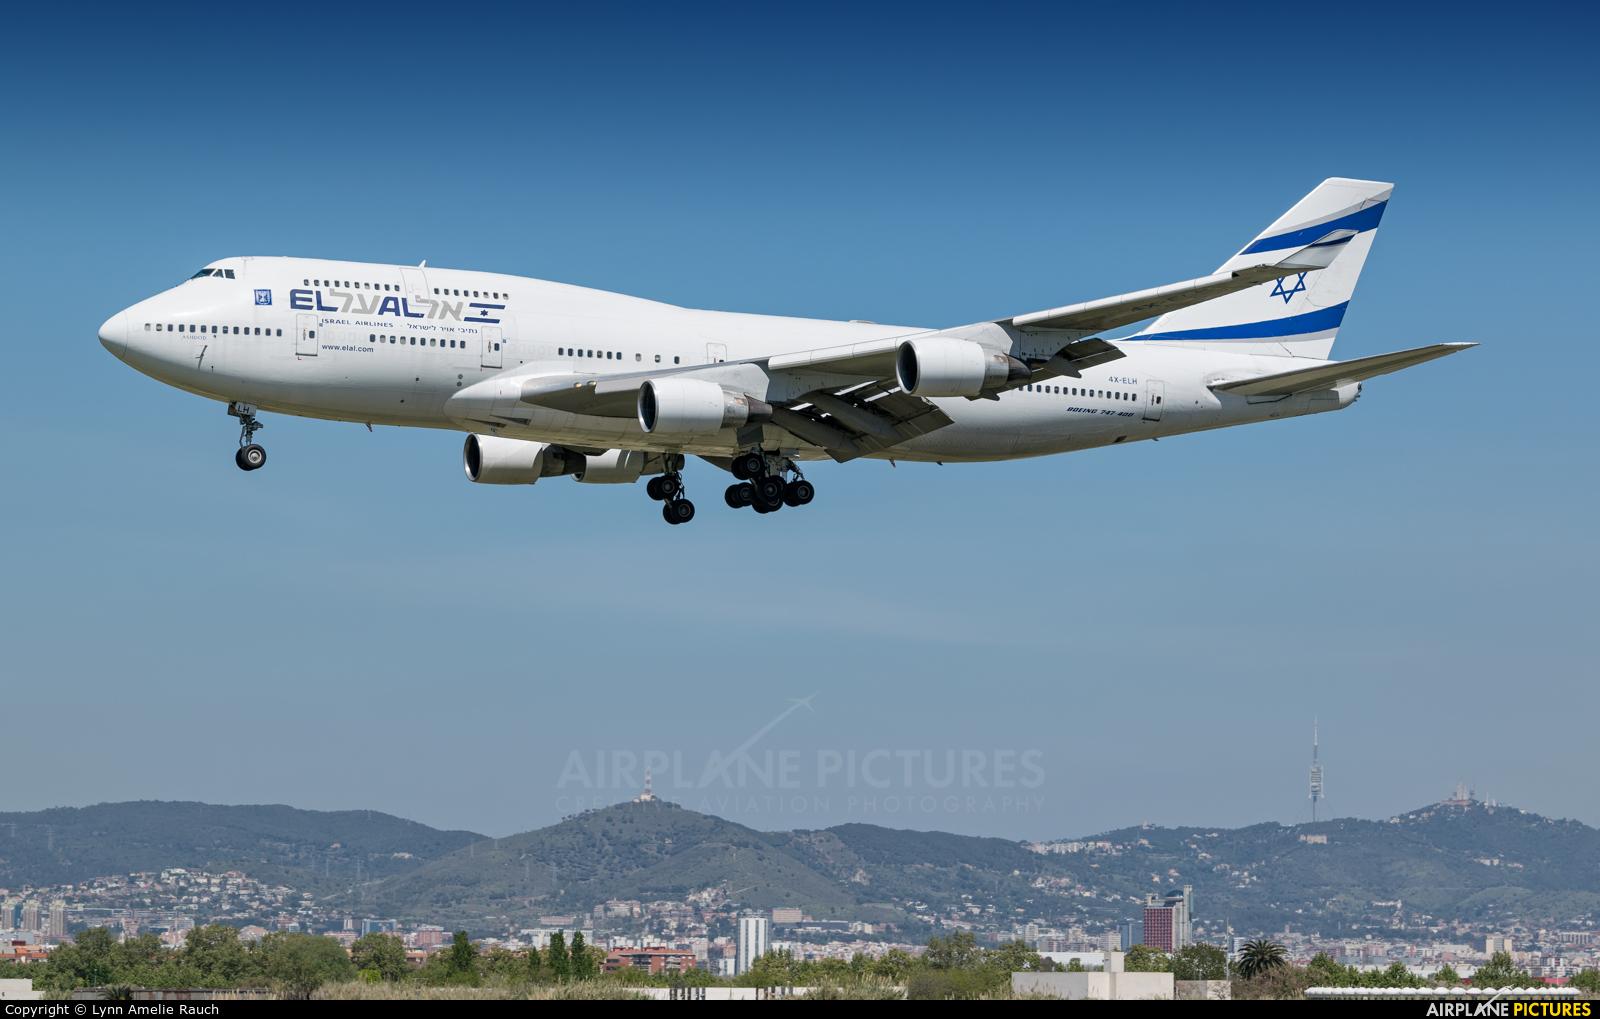 El Al Israel Airlines 4X-ELH aircraft at Barcelona - El Prat